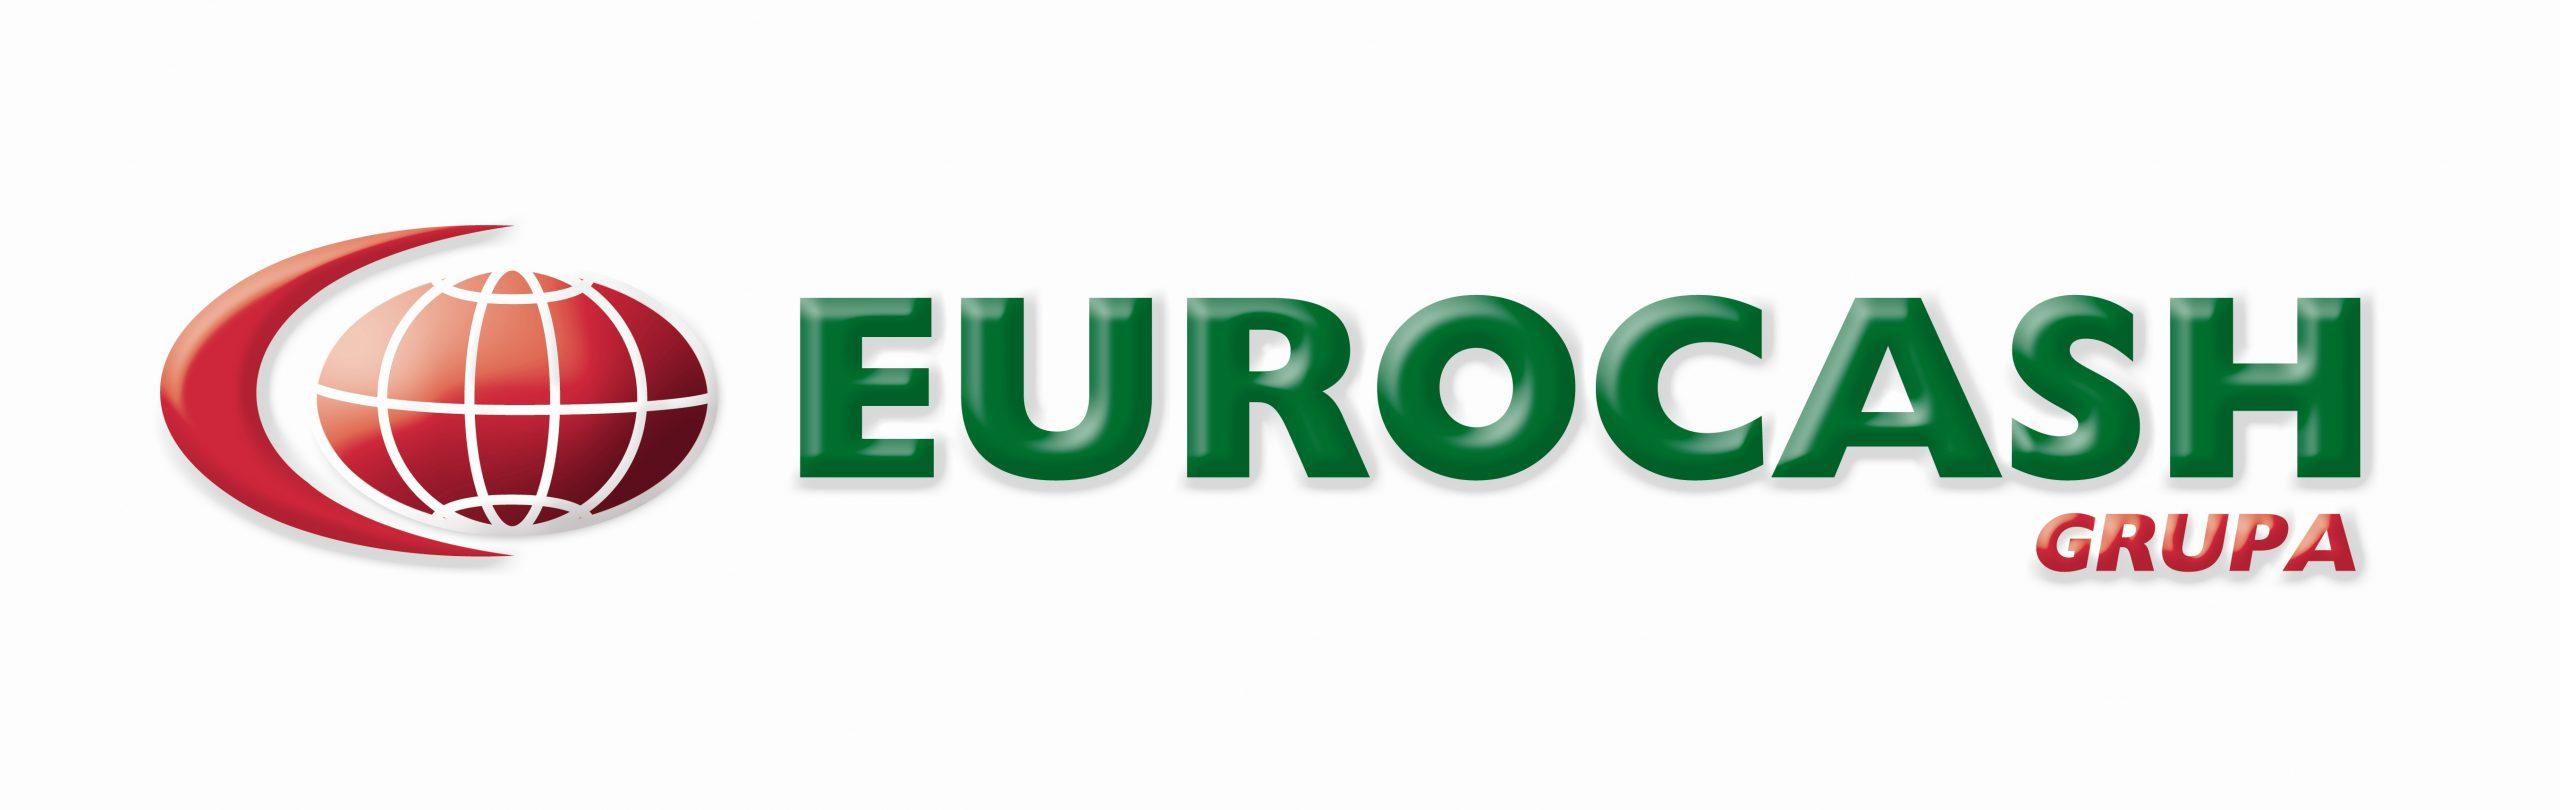 Marki Inmedio i 1minute trafią do portfela Grupy Eurocash